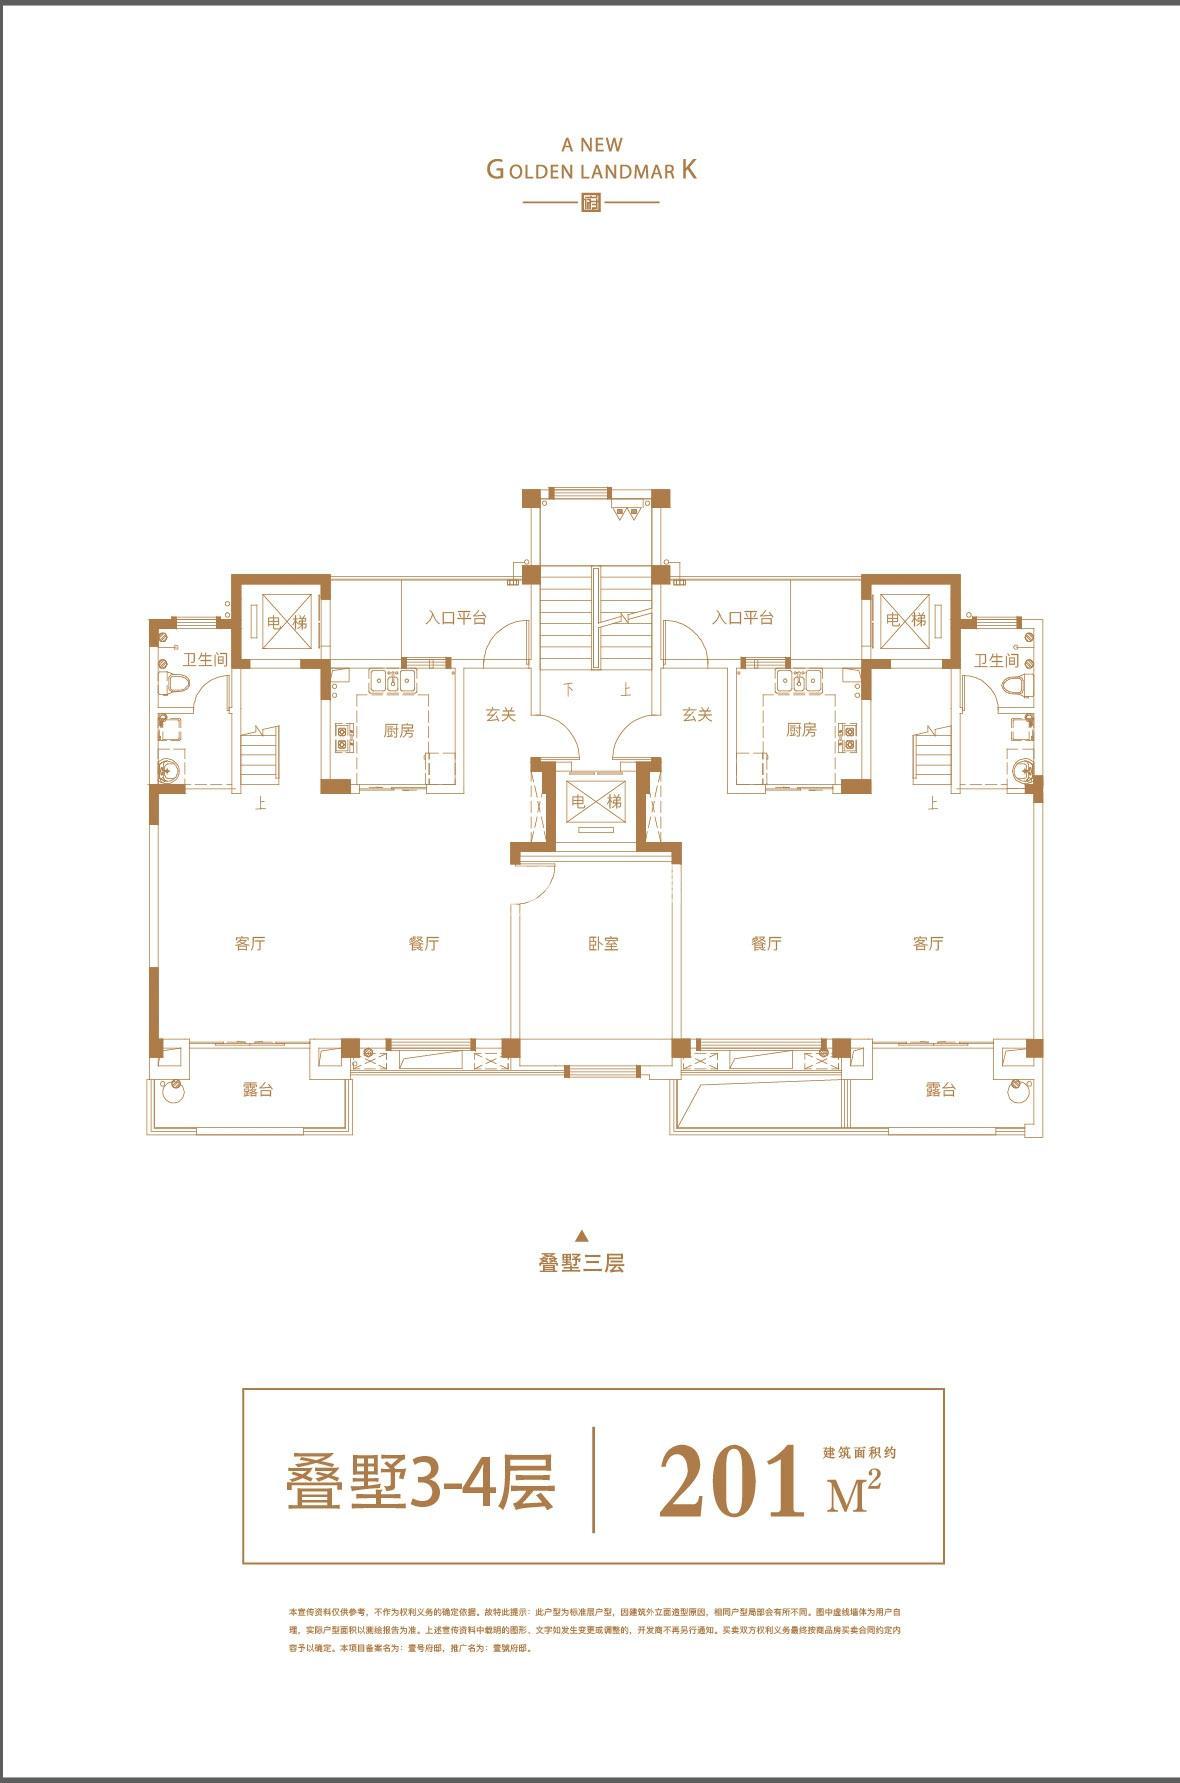 壹號府邸叠墅3—4层